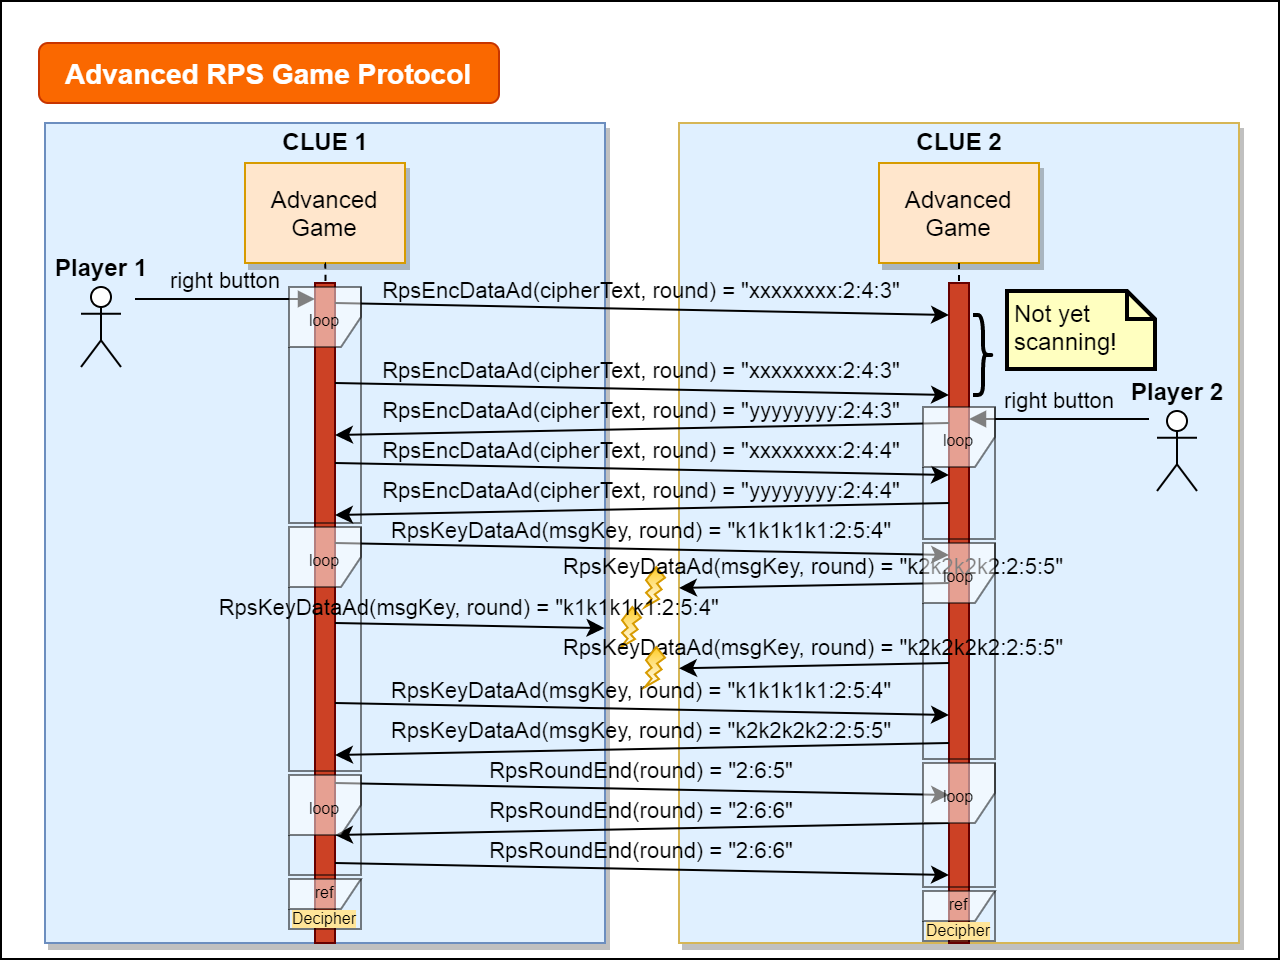 circuitpython_advanced-rpsgame-protocol-v3.png